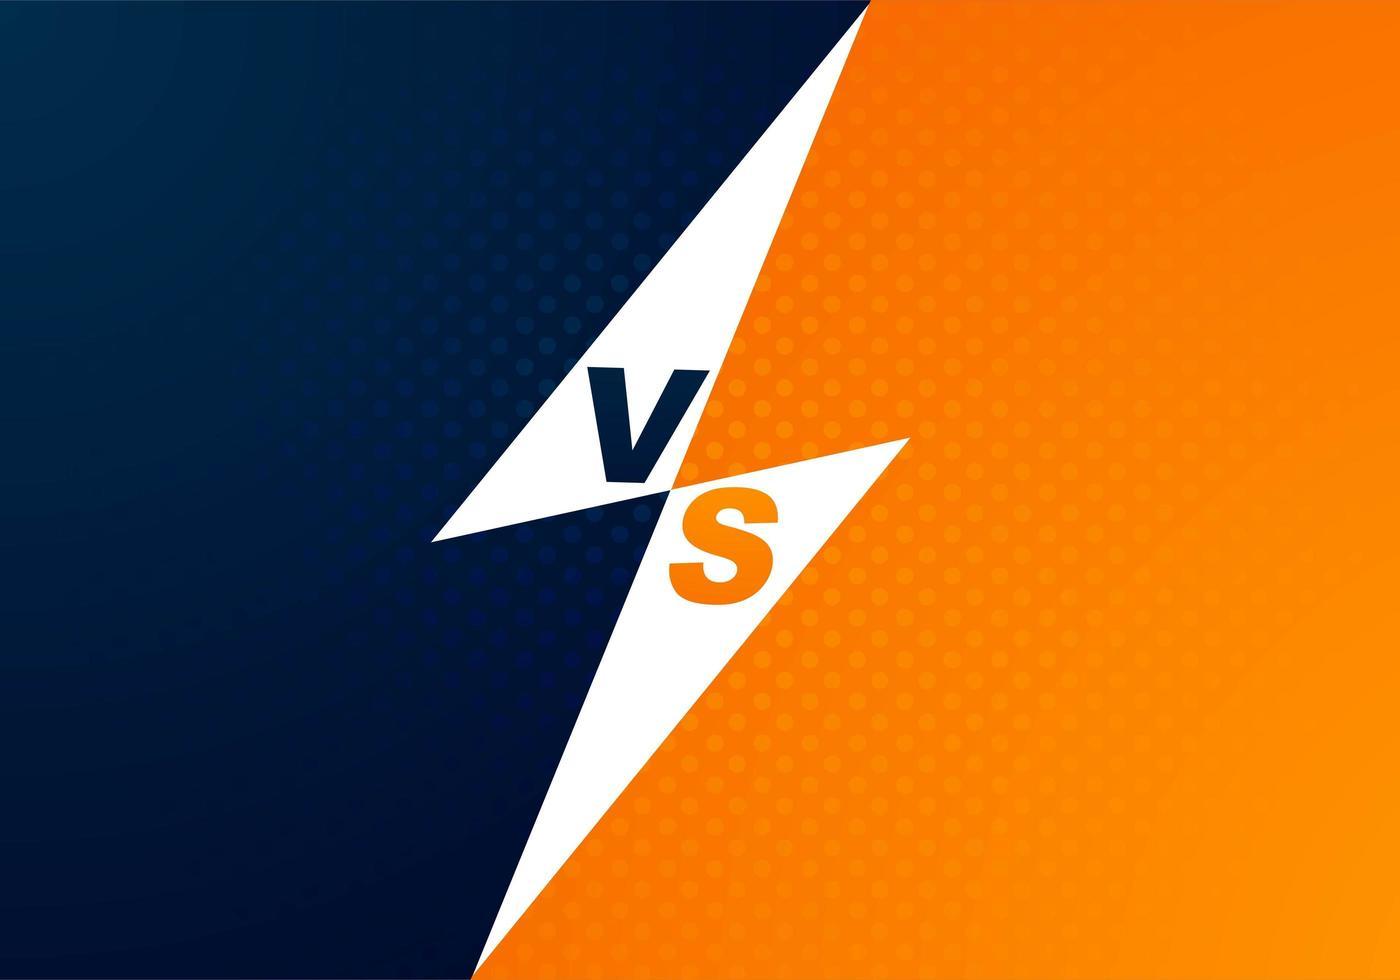 versus fondo azul y naranja de pantalla vector